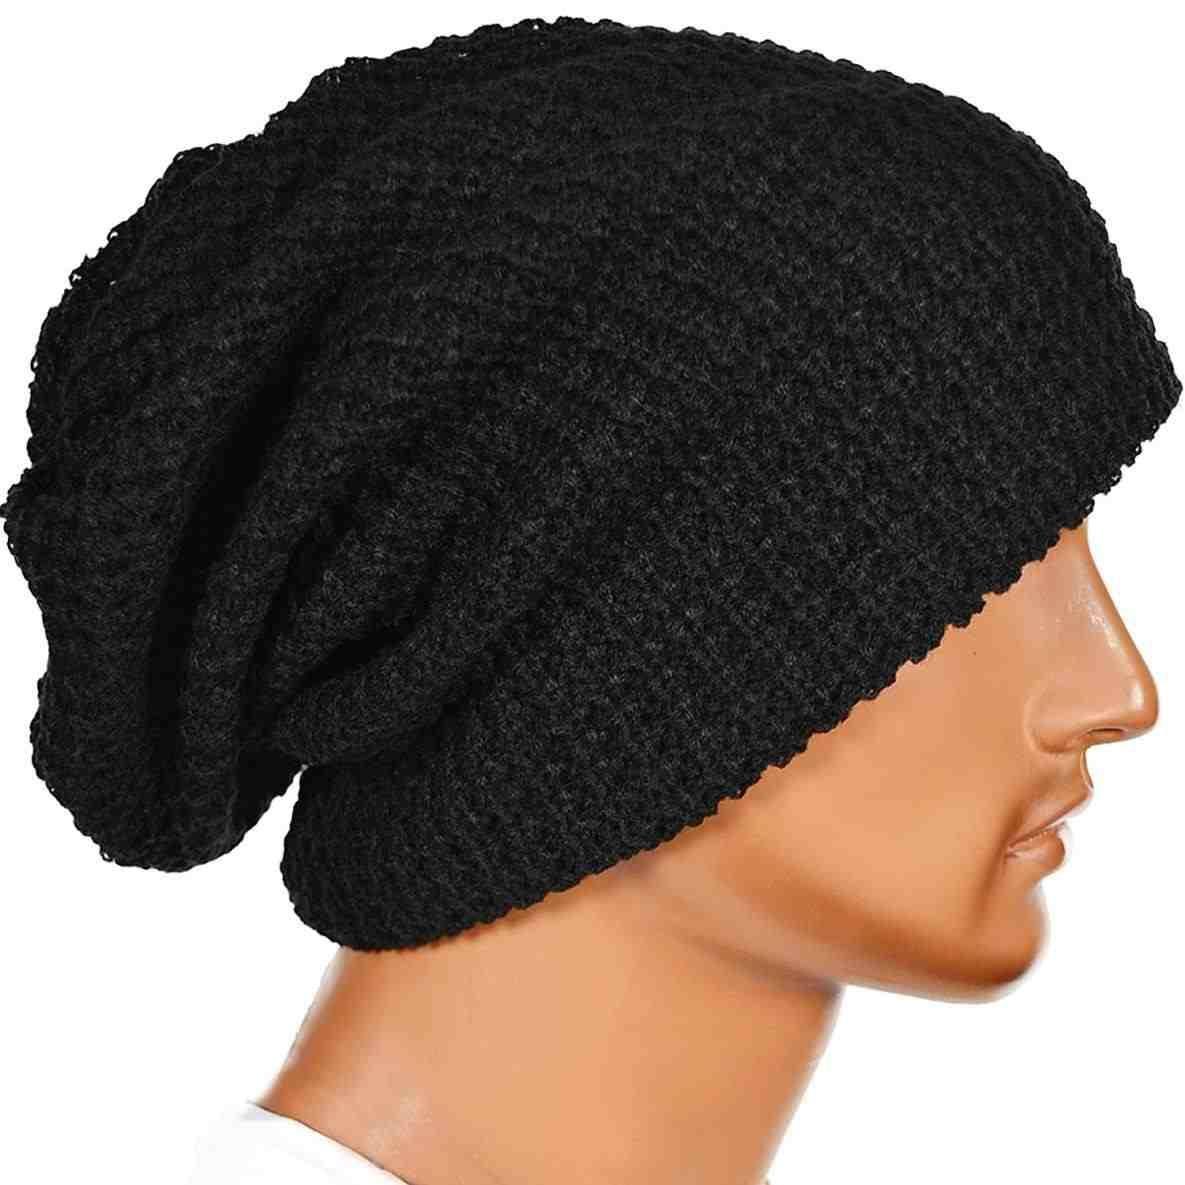 Crochet Beanies For Men Crochet Beanie Men Mens Burgundy Beanie Maroon Crochet Hat Mens